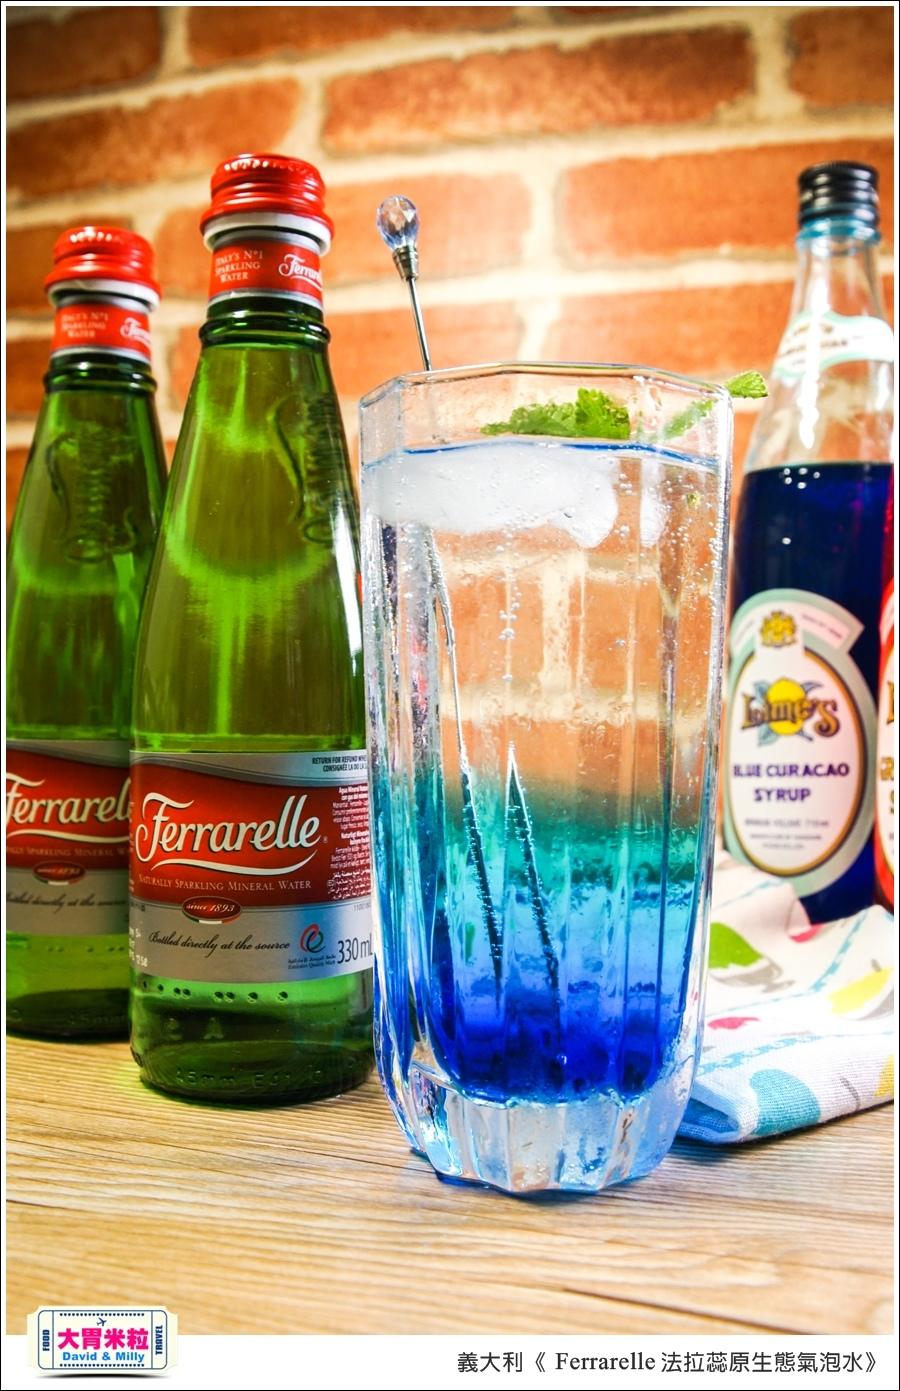 氣泡水品牌推薦@義大利Ferrarelle法拉蕊原生態氣泡水@大胃米粒0015.jpg